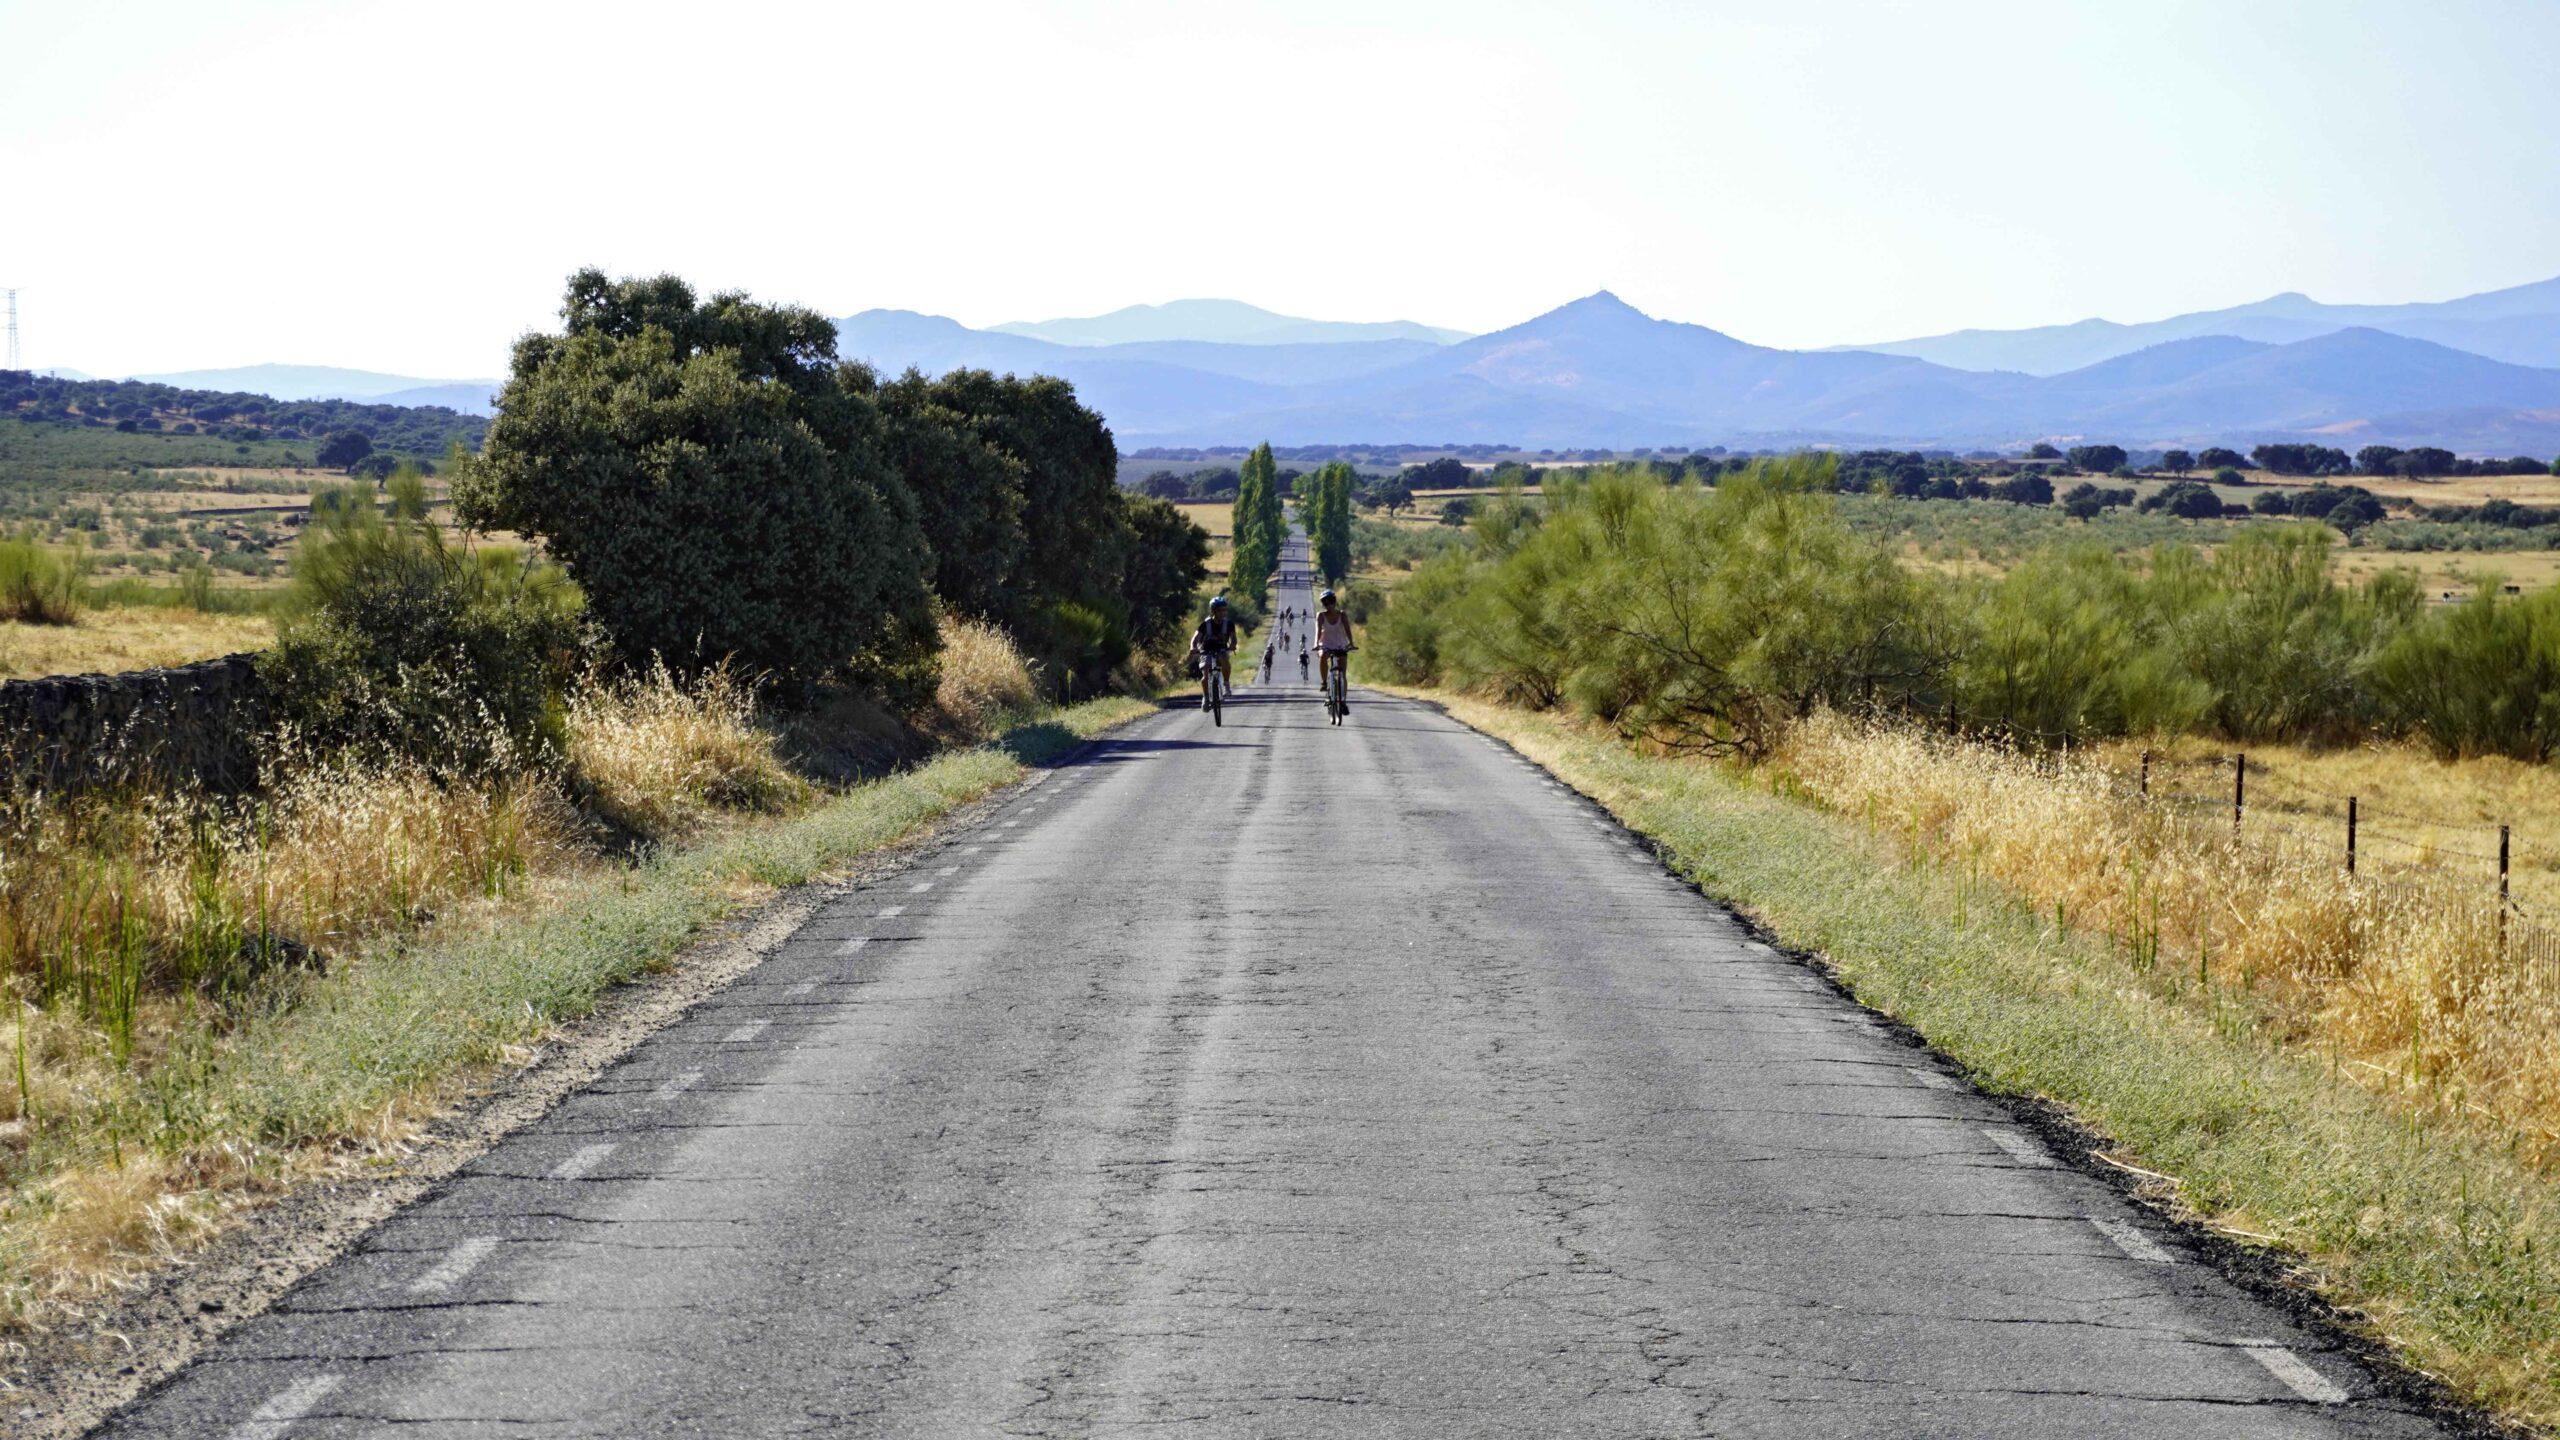 Ruta_cicloturista_Cáparra_Tierras_en_danza_2020